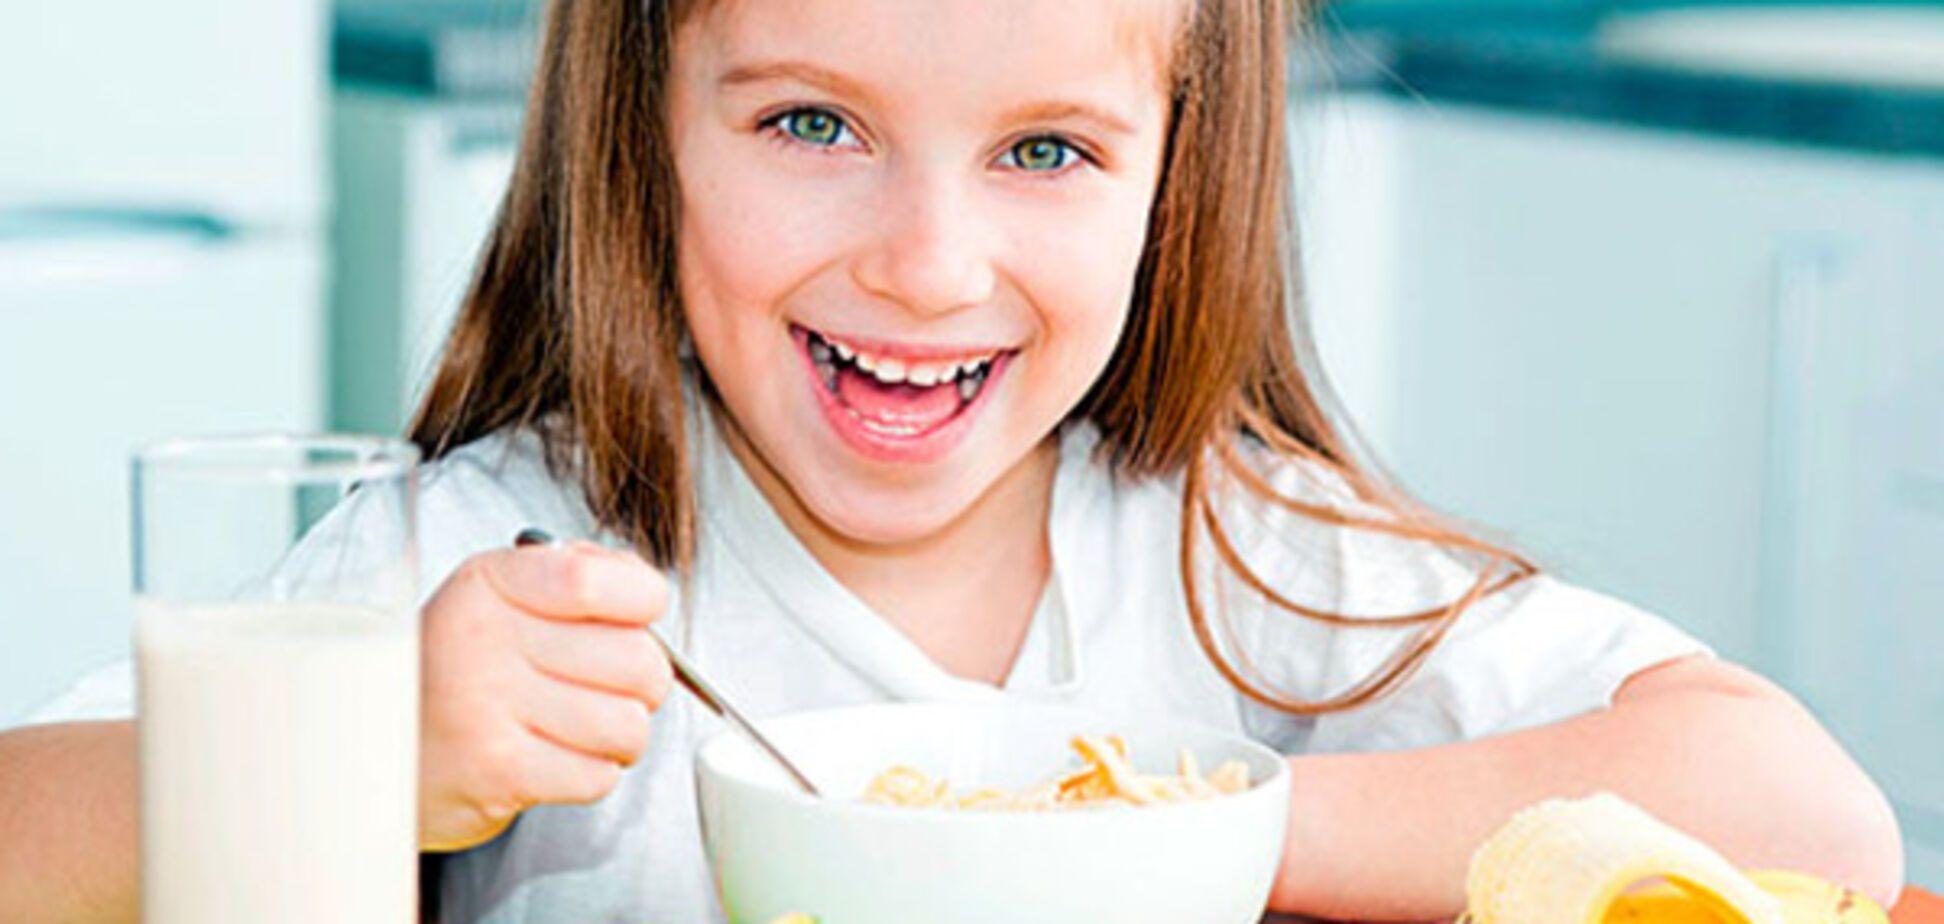 Бодрящий завтрак: чем покормить ребенка, чтобы он был полон энергии